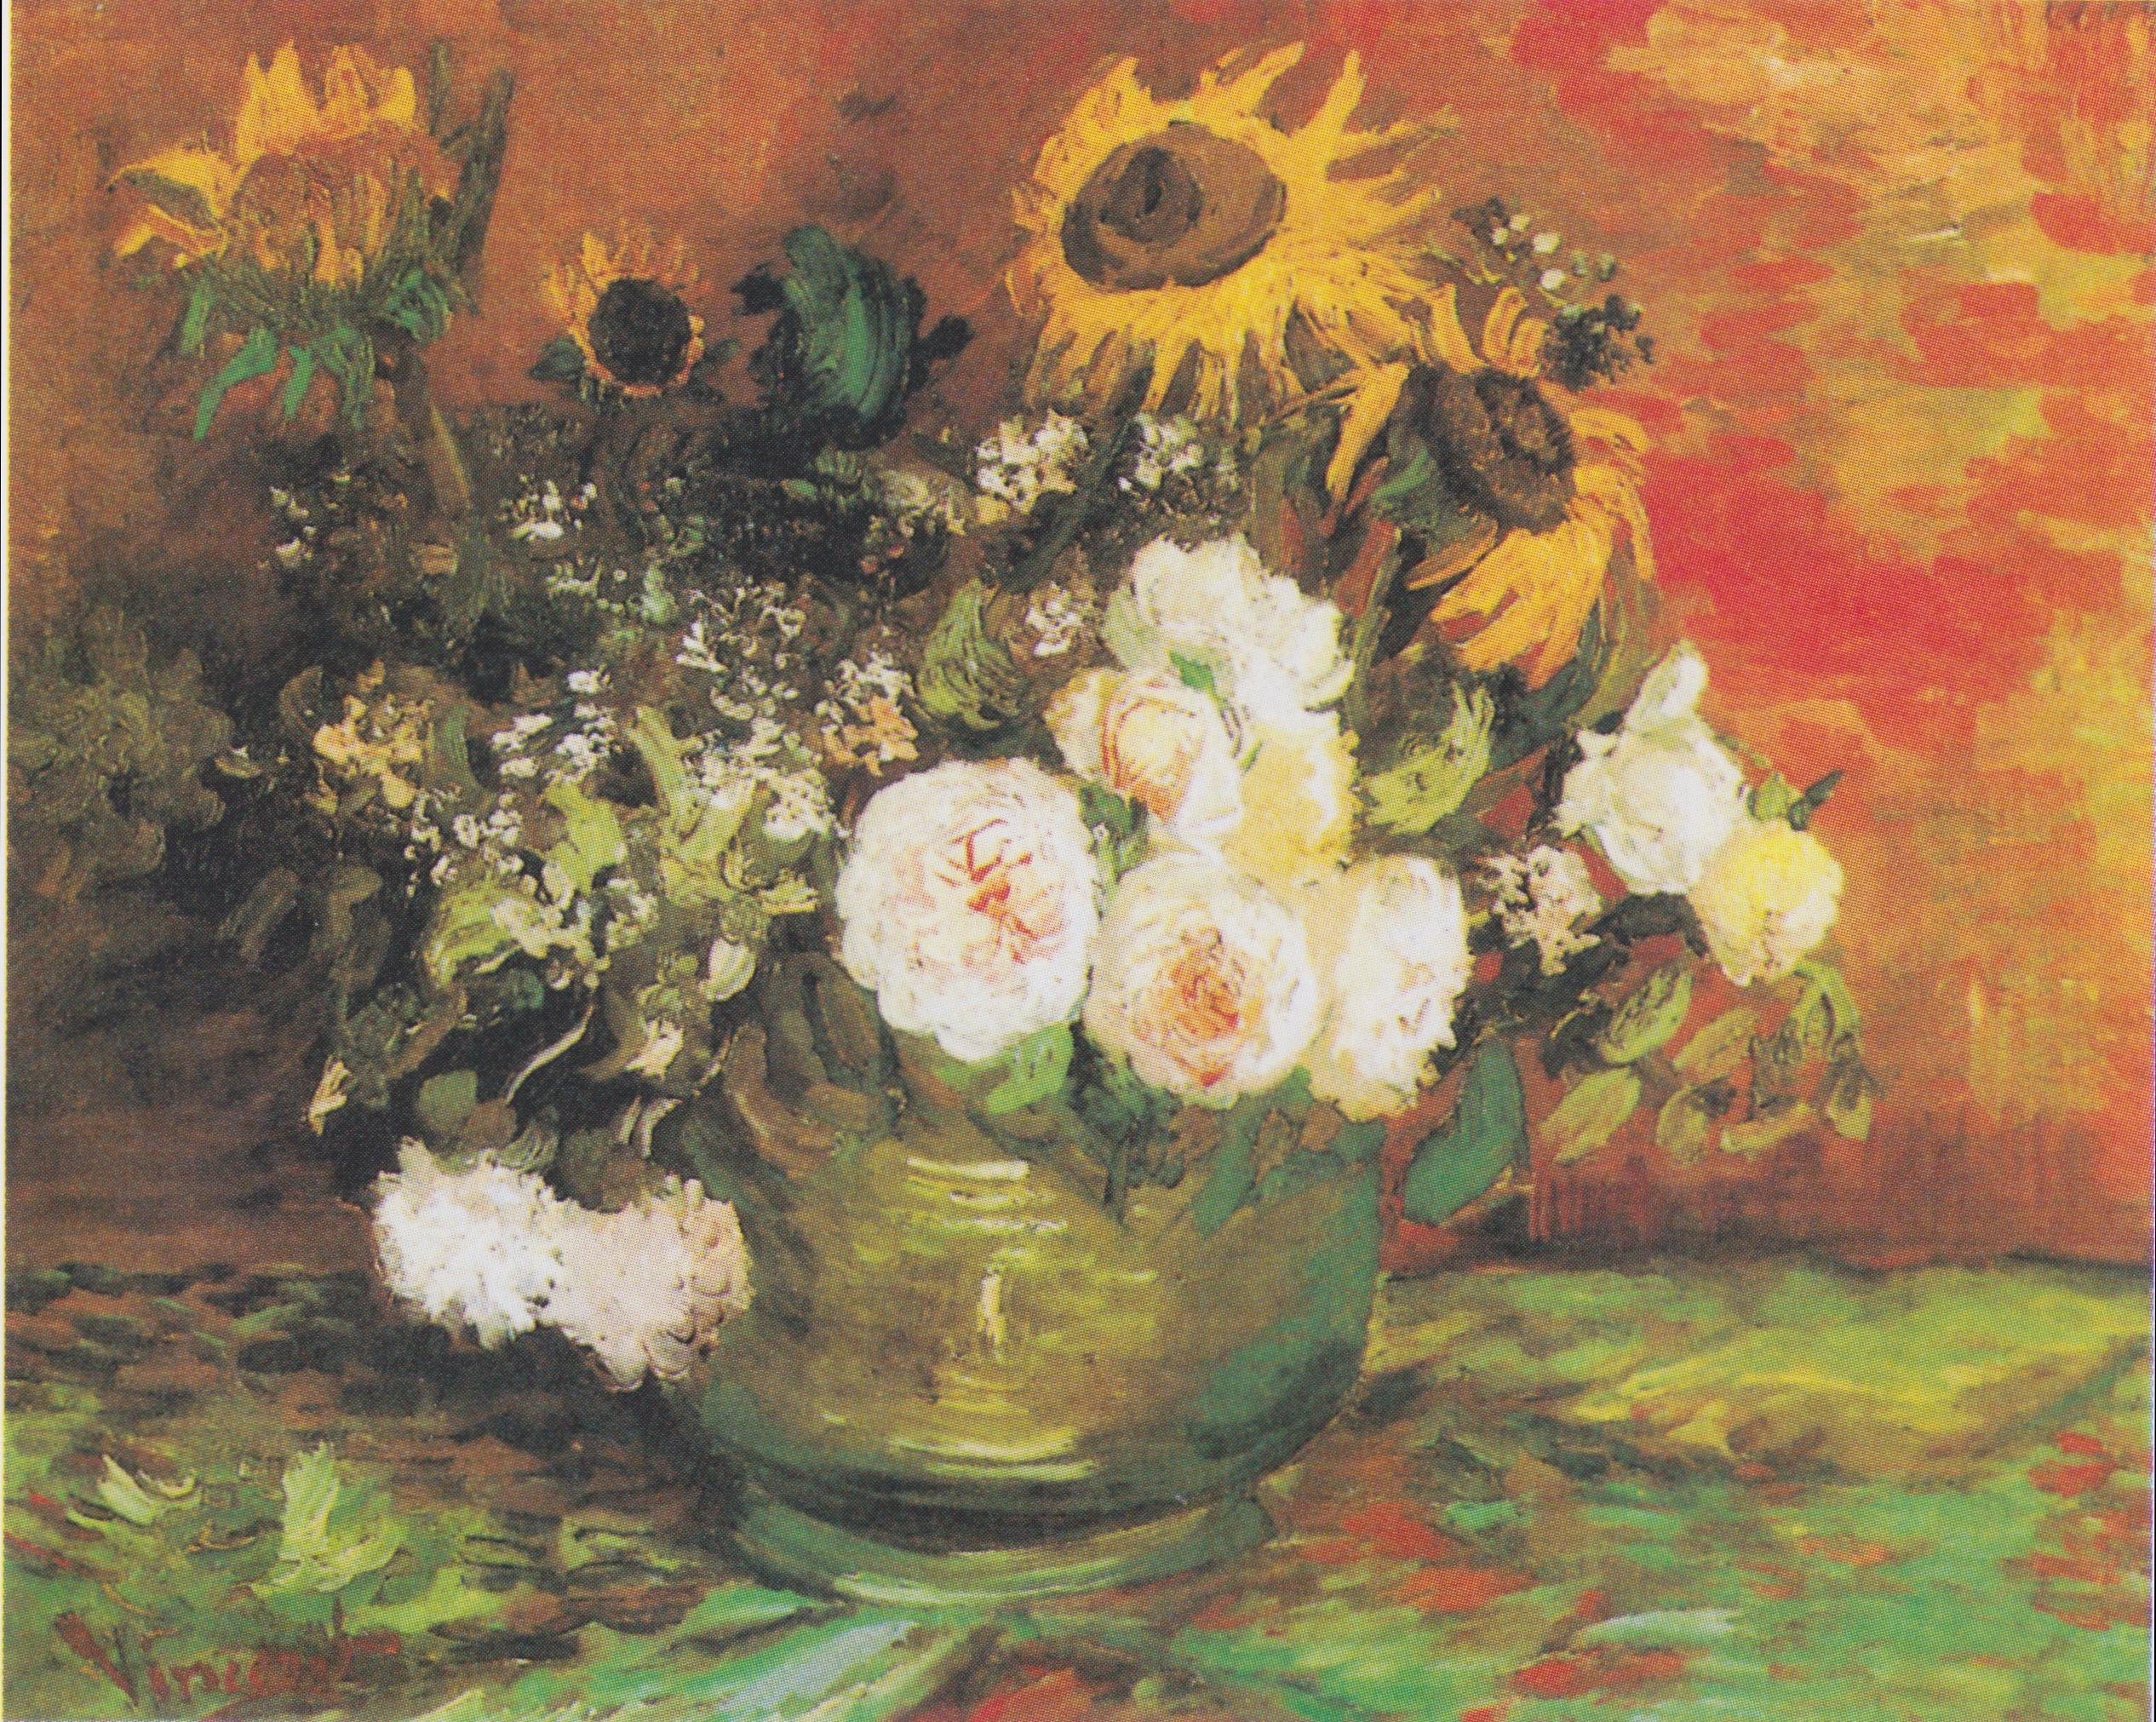 Dateivan Gogh Schale Mit Sonnenblumen Rosen Und Anderen Blumen